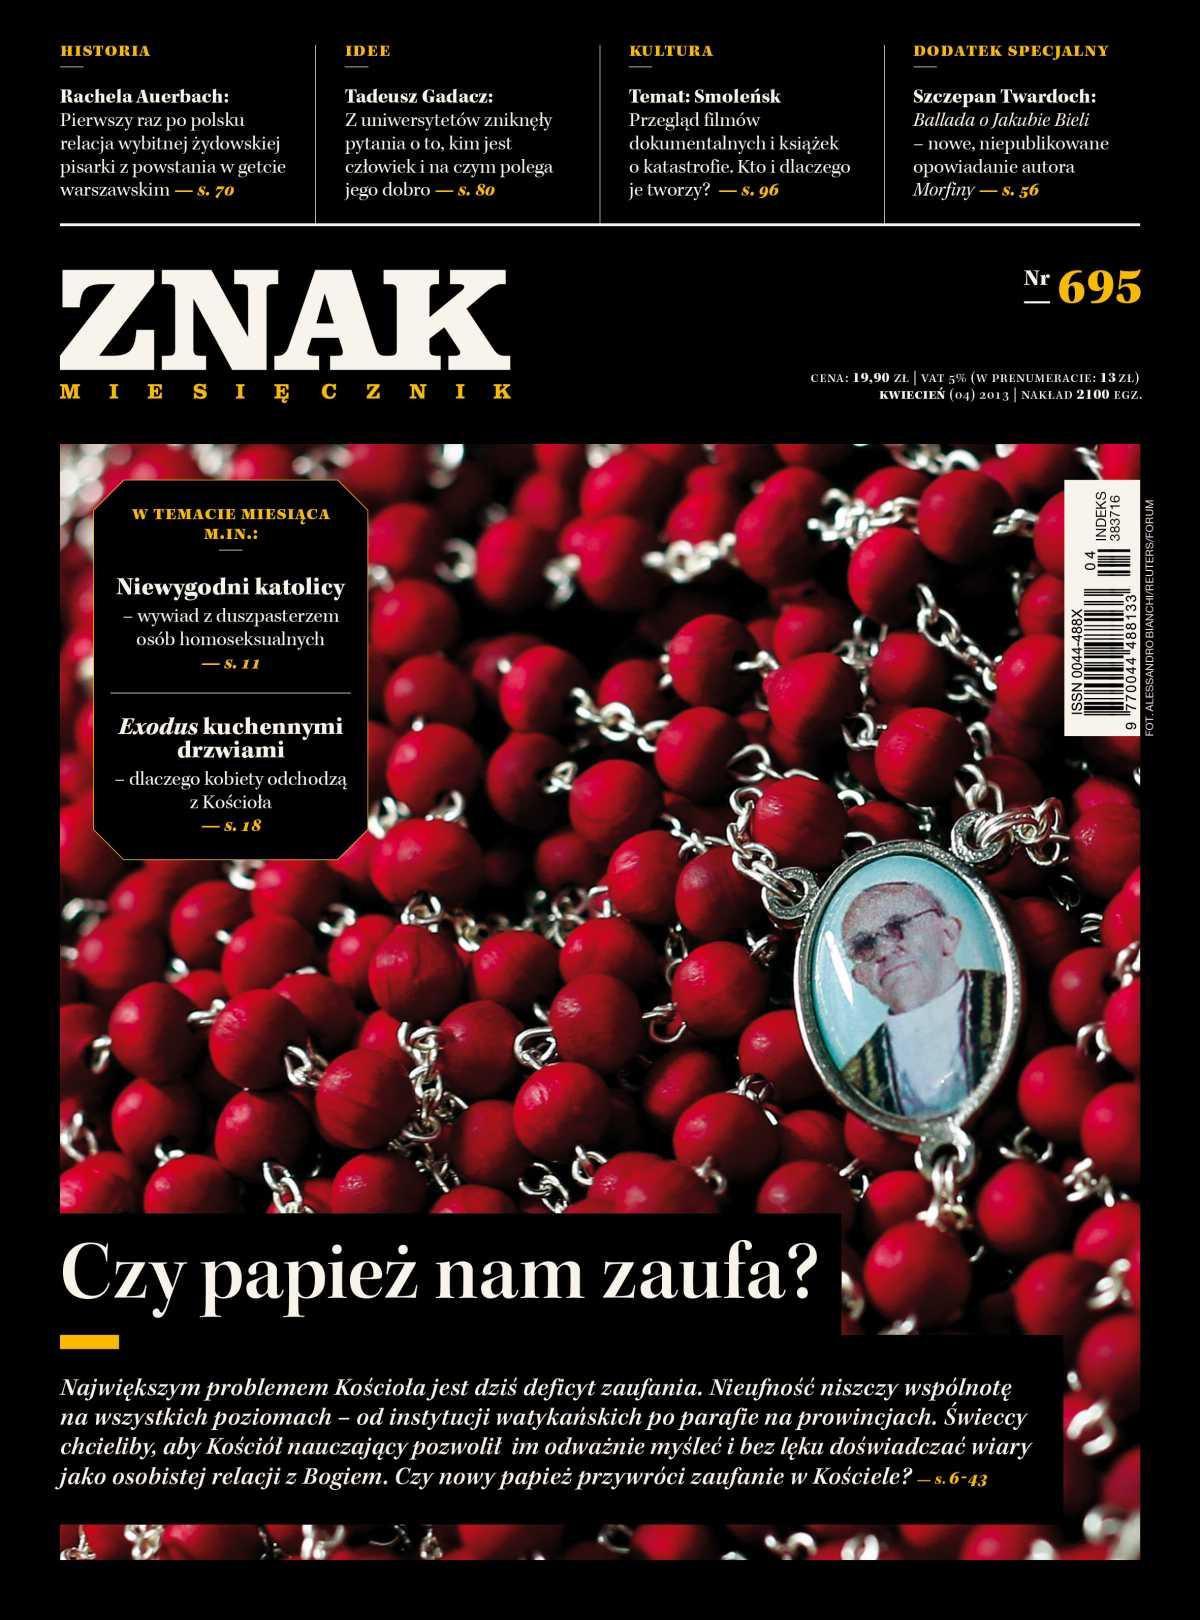 Miesięcznik Znak. Kwiecień 2013 - Ebook (Książka PDF) do pobrania w formacie PDF